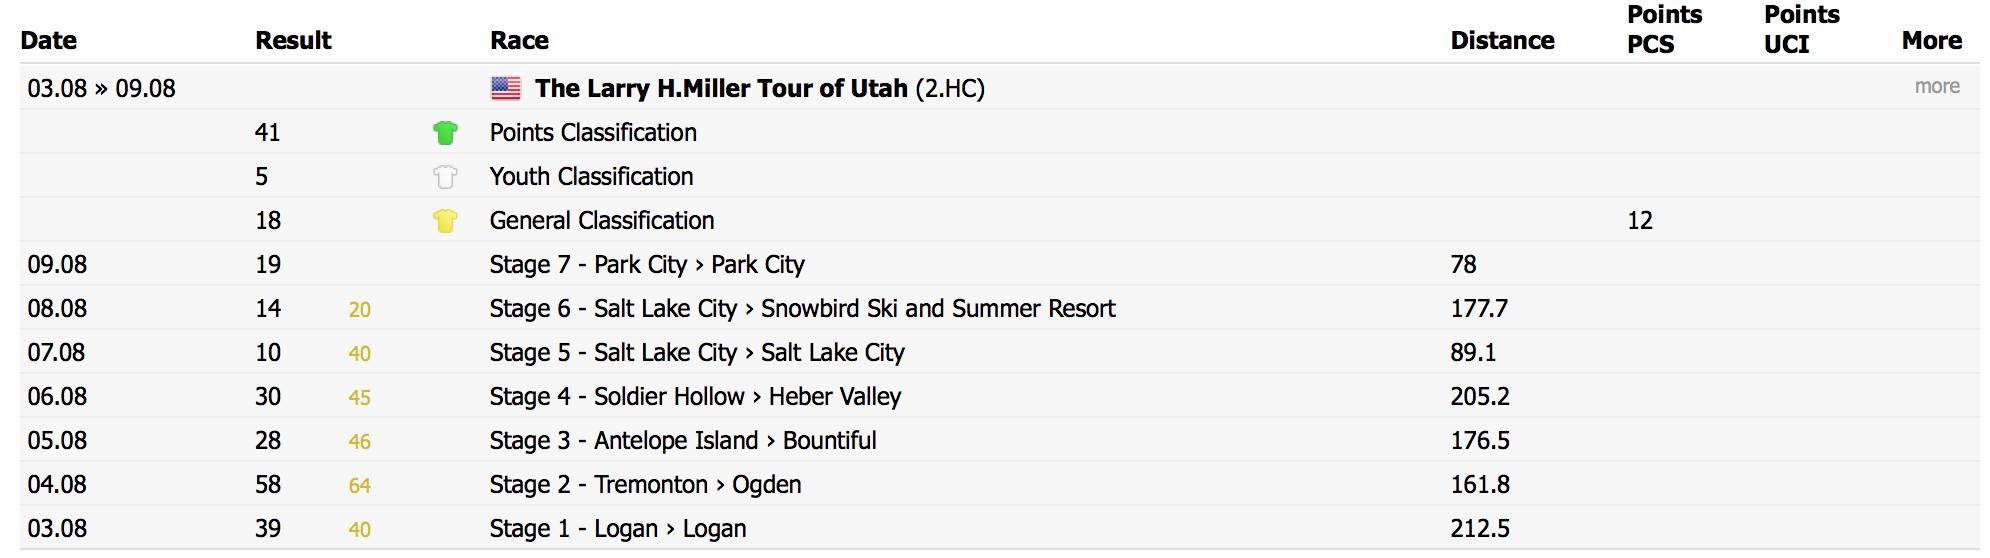 Tour of Utah 2015 results